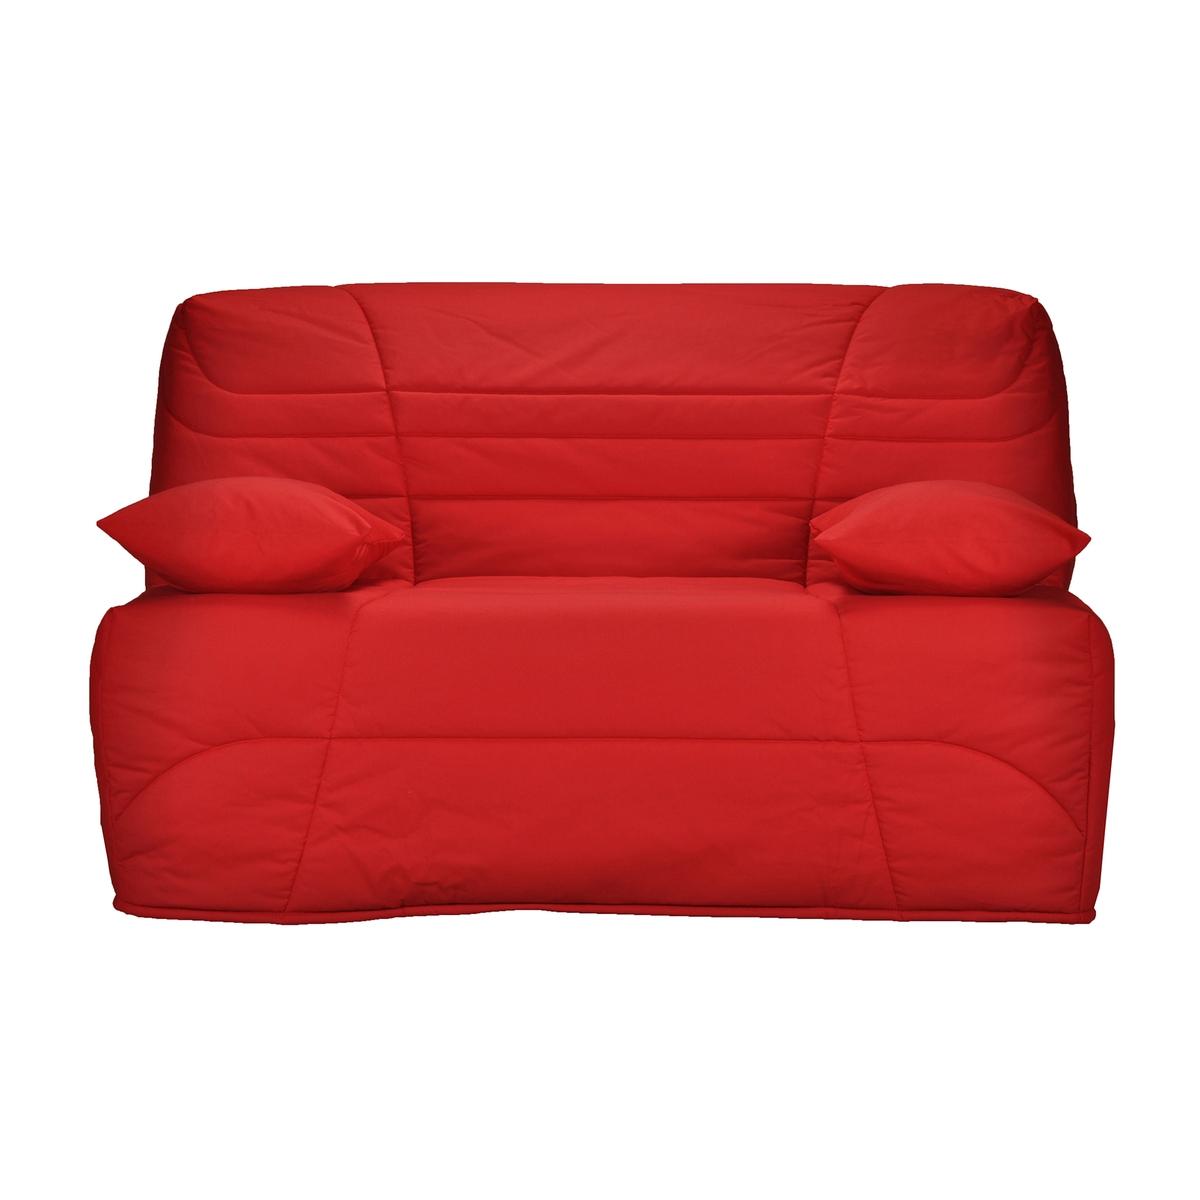 Чехол La Redoute Стеганый для дивана-книжки толщина см 90 x 190 см красный